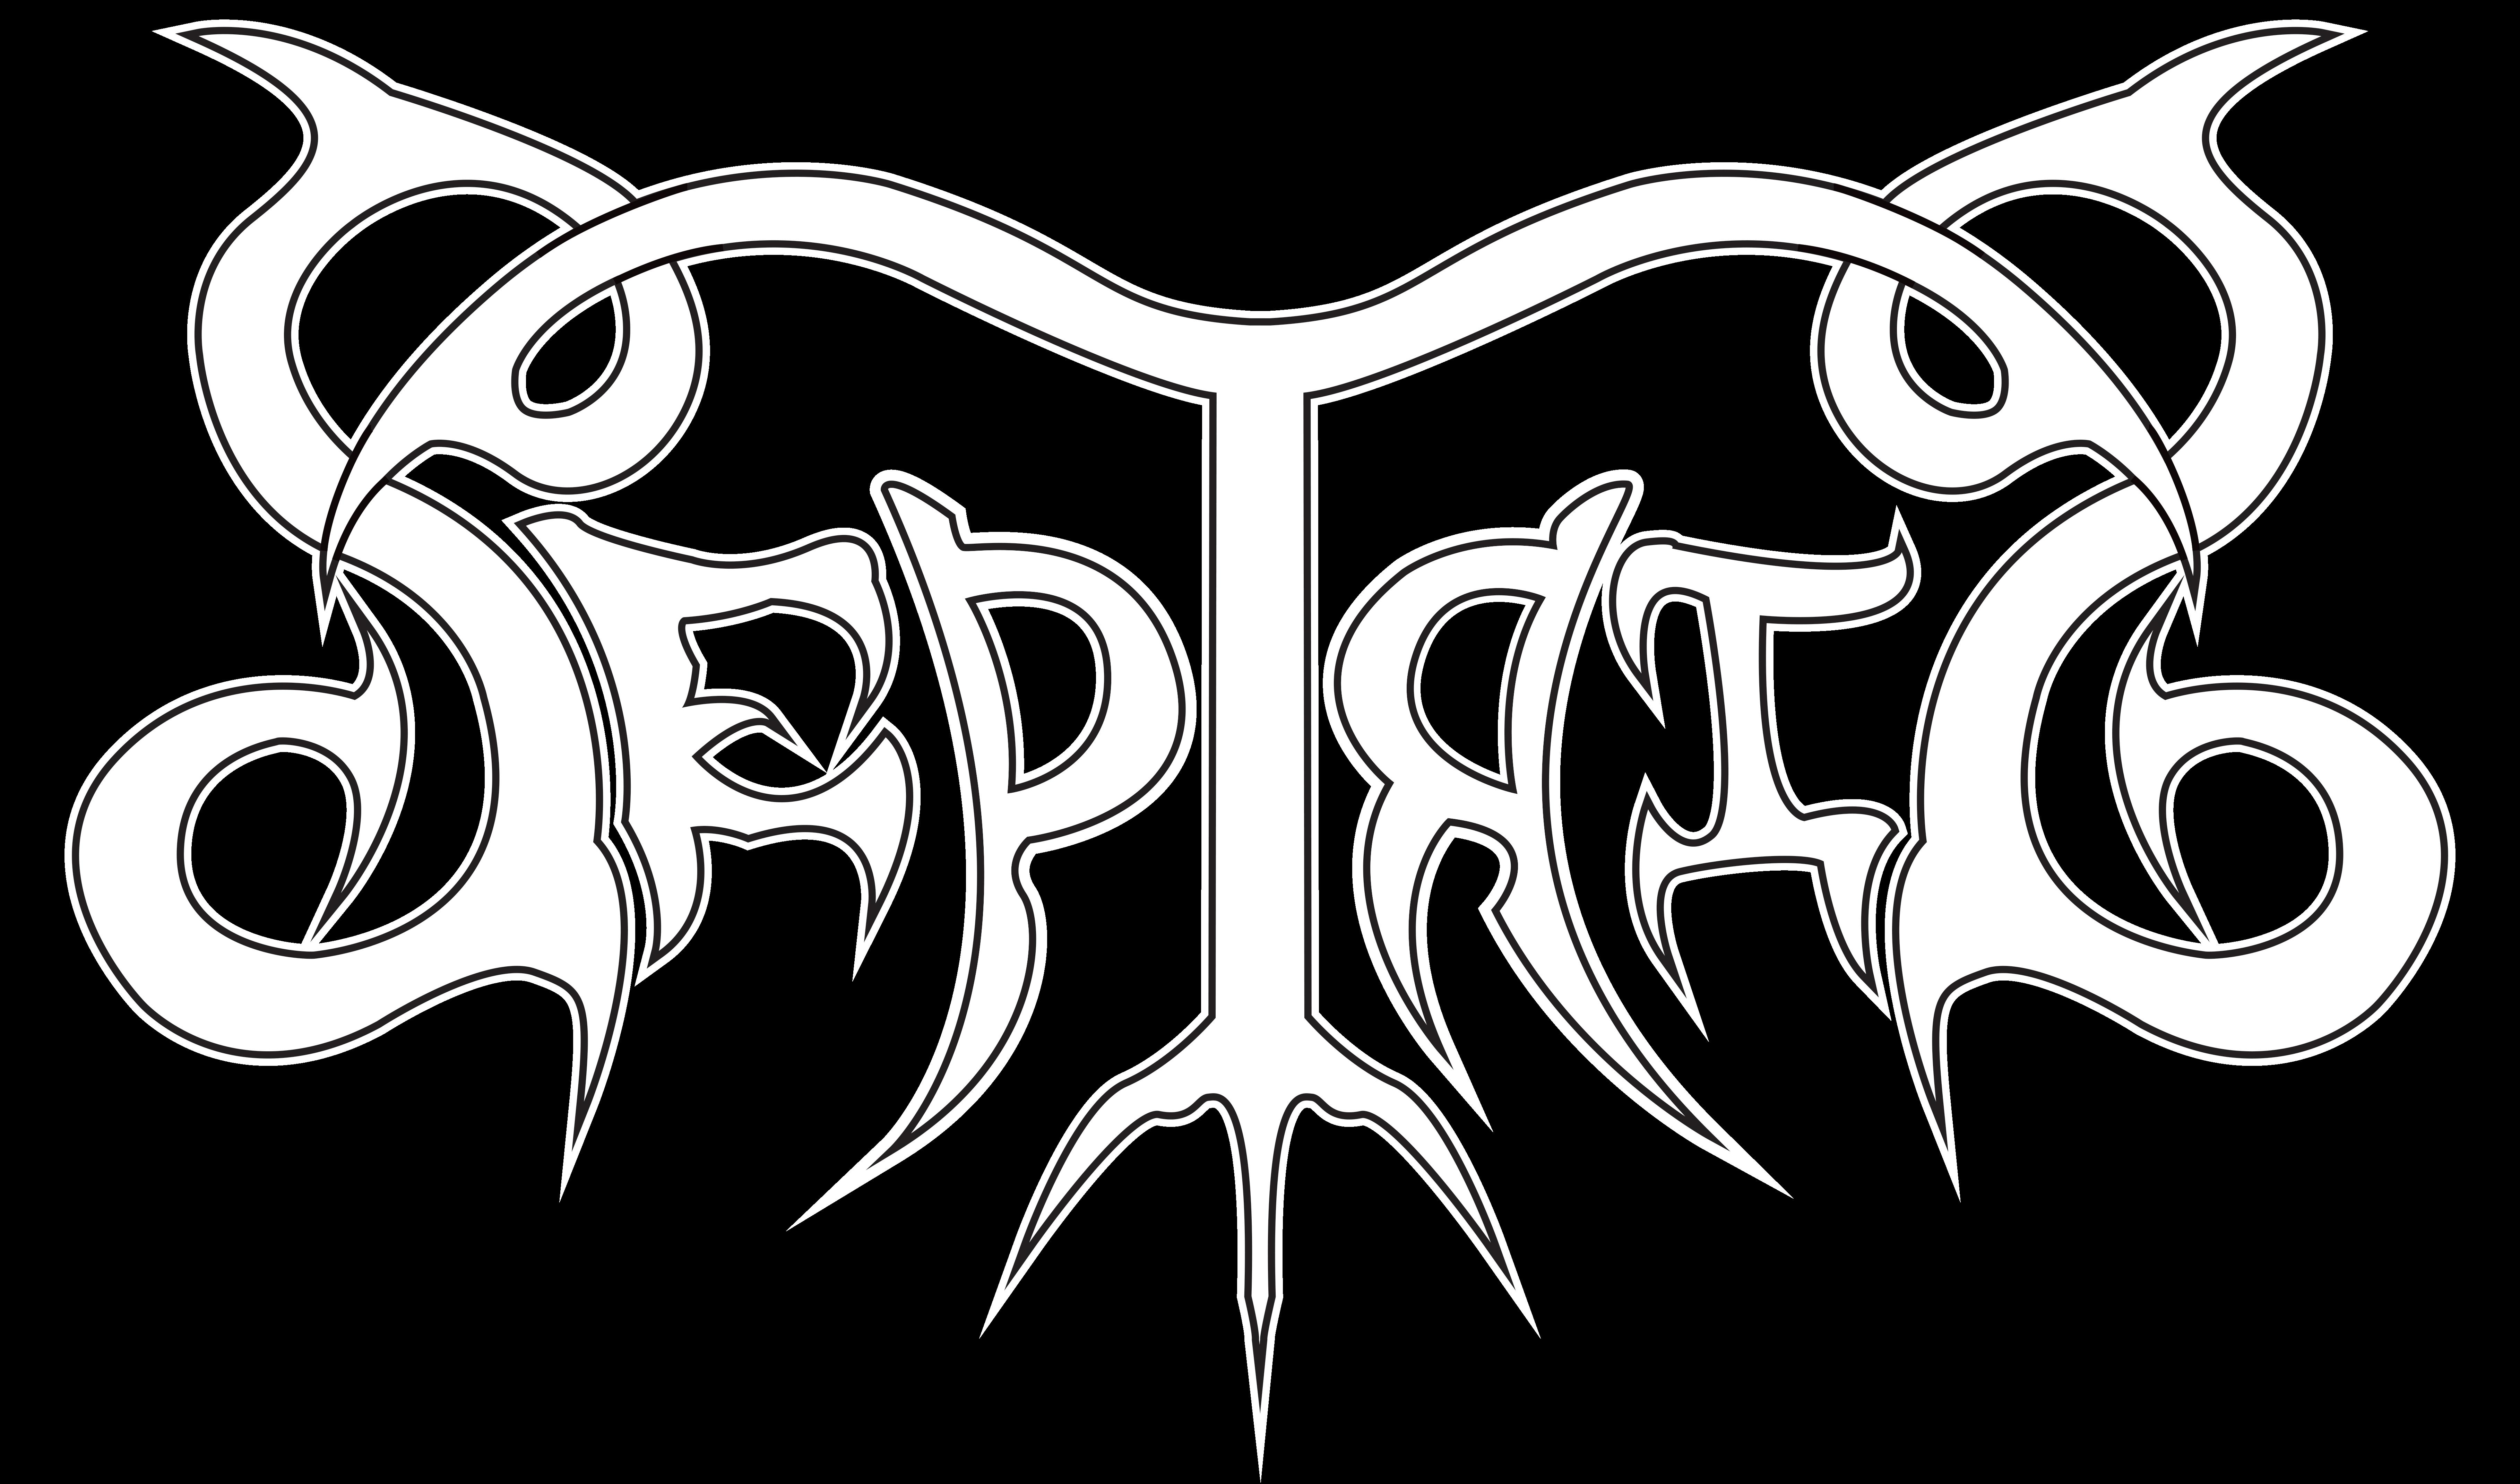 Septris